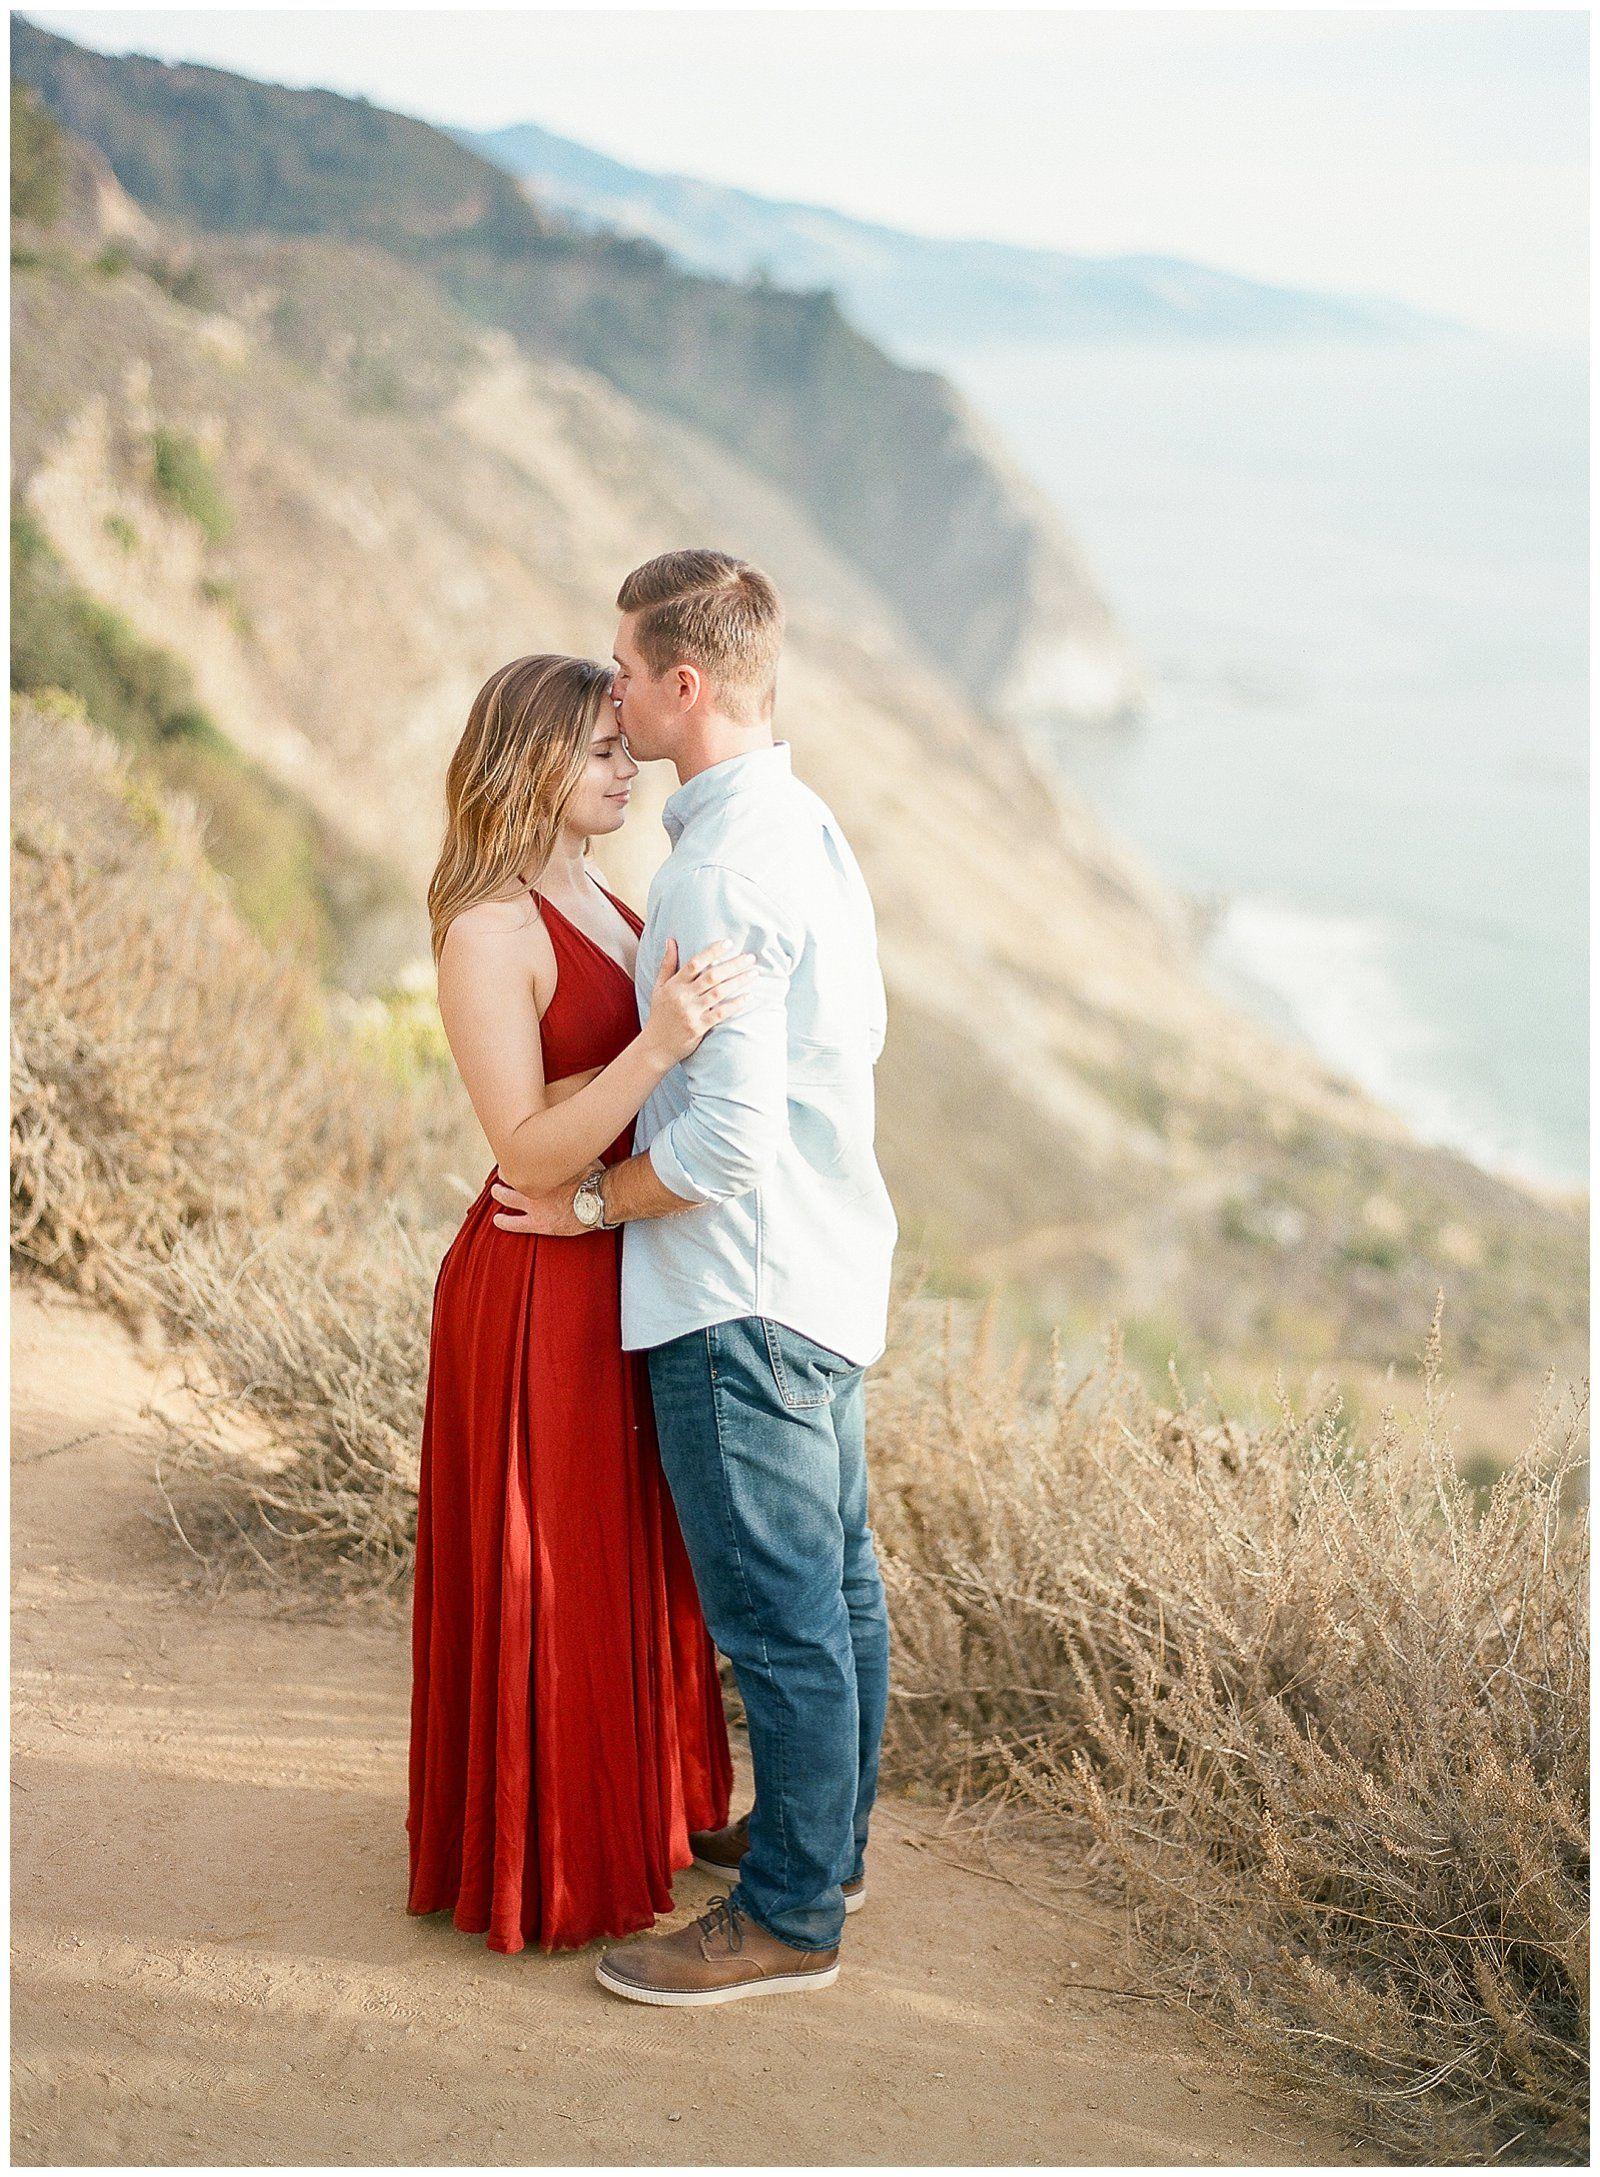 Natalie & Chad A Big Sur Engagement Session Film